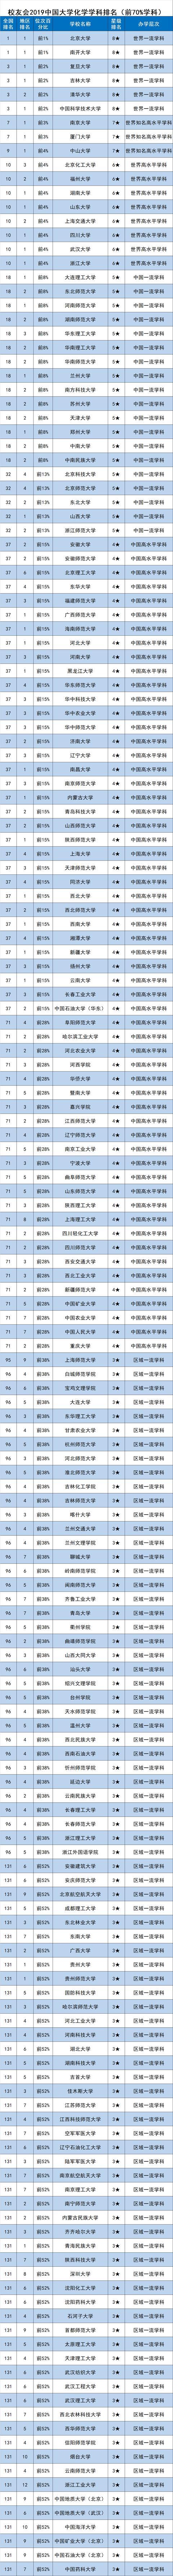 校友会2019中国一流学科排名-化学学科排名,北京大学第一